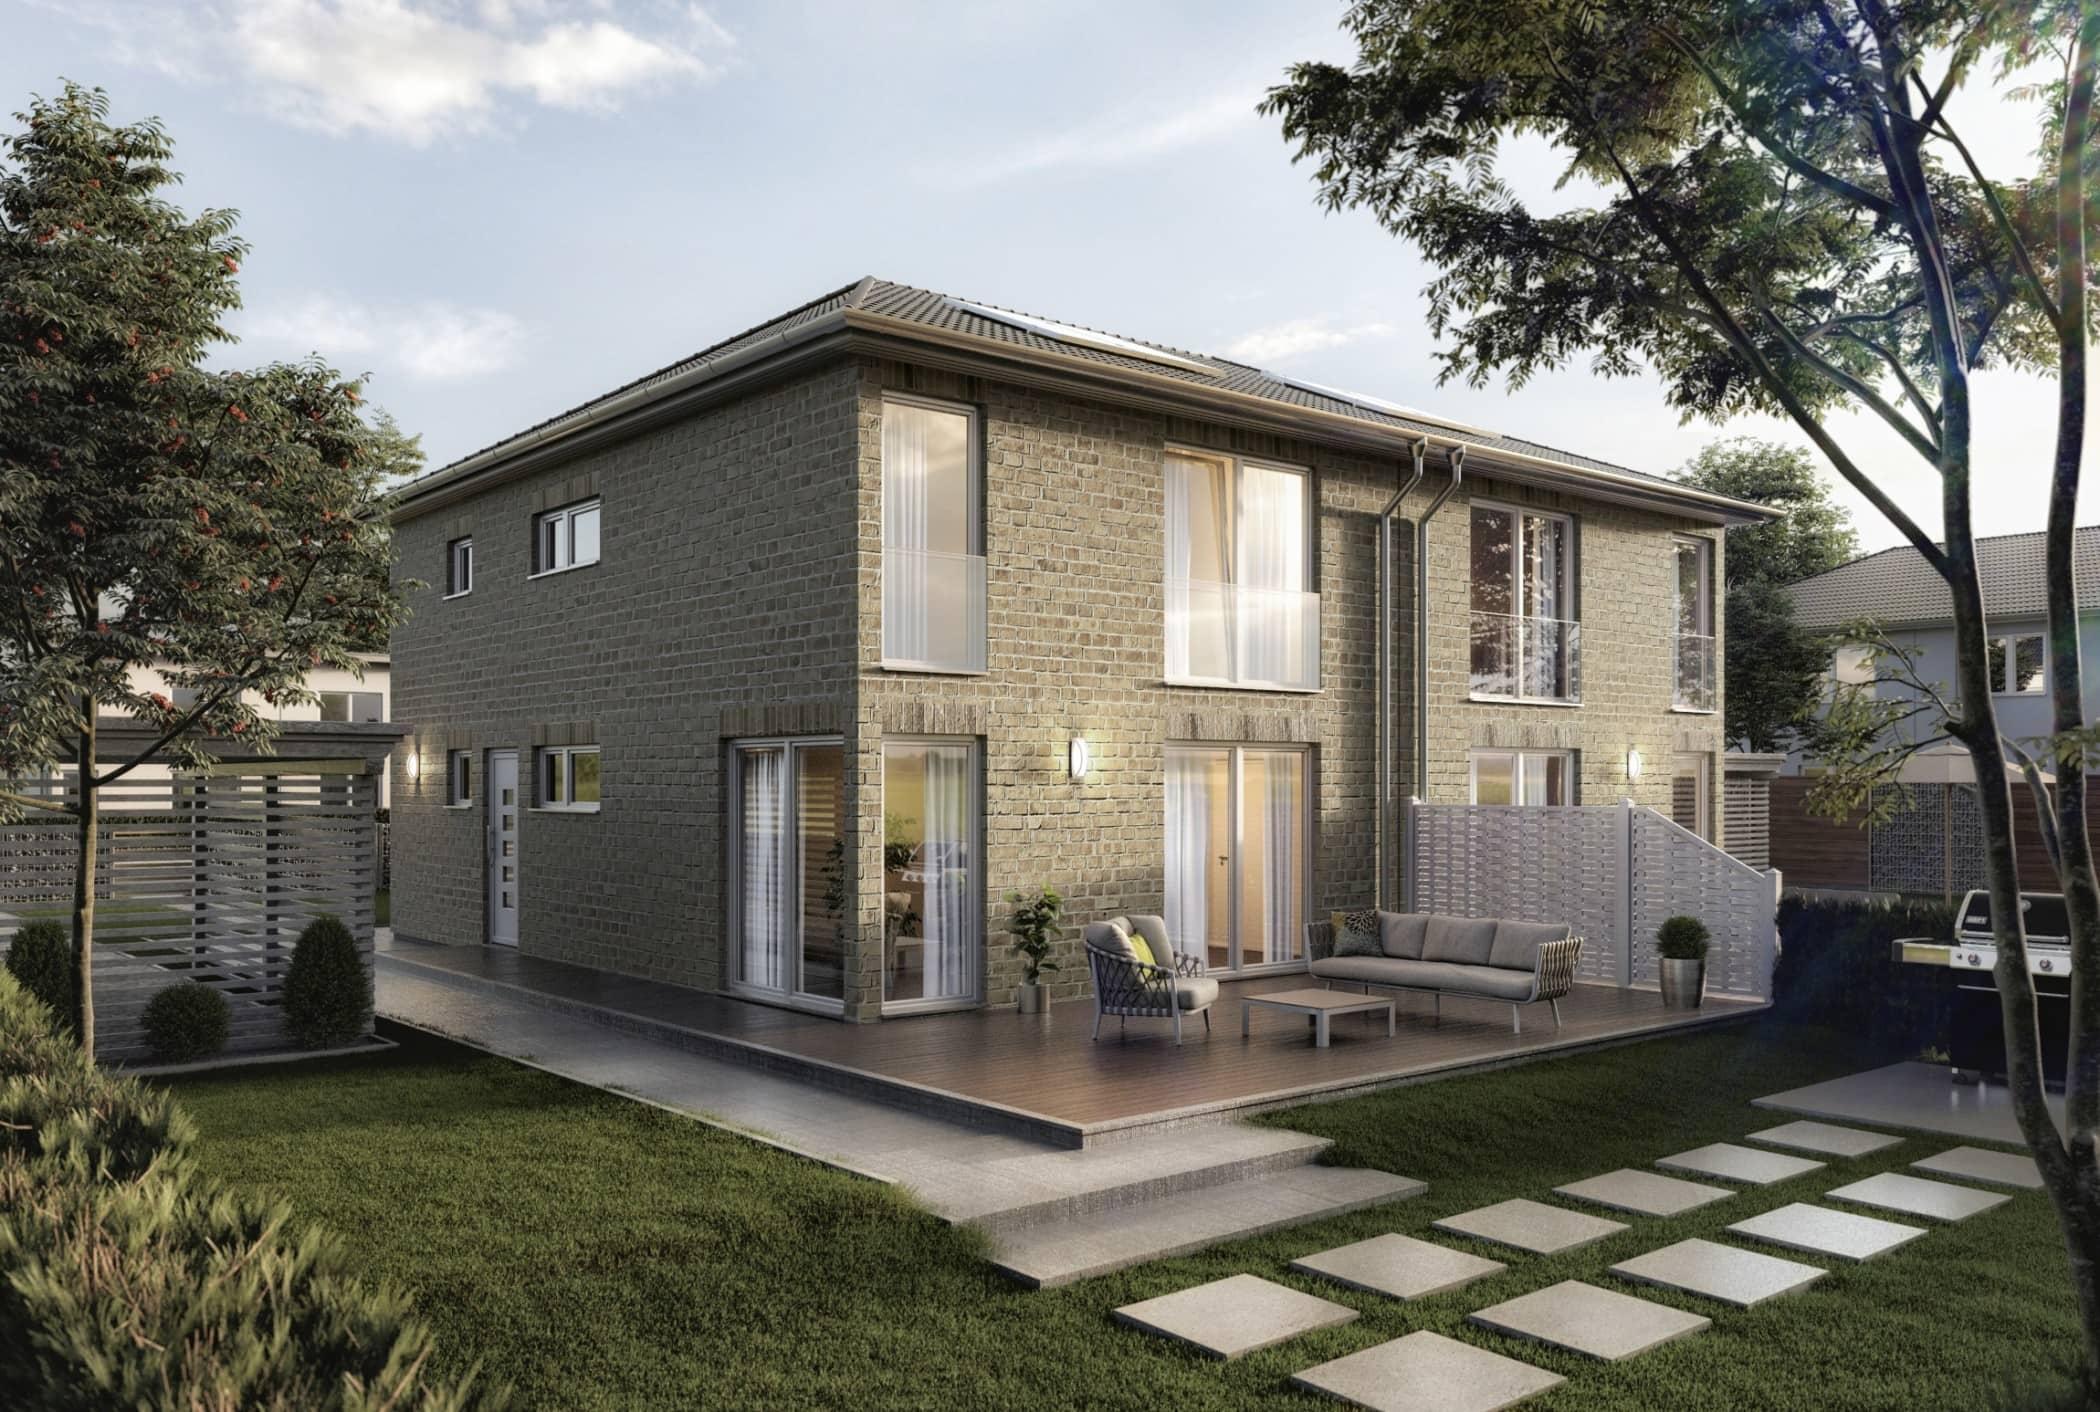 Doppelhaus modern mit Walmdach Architektur & Klinker Fassade grau - Massivhaus schlüsselfertig bauen Ideen Doppelhaushälfte AURA 136 KLINKER Lime line 430 von Town Country Haus - HausbauDirekt.de